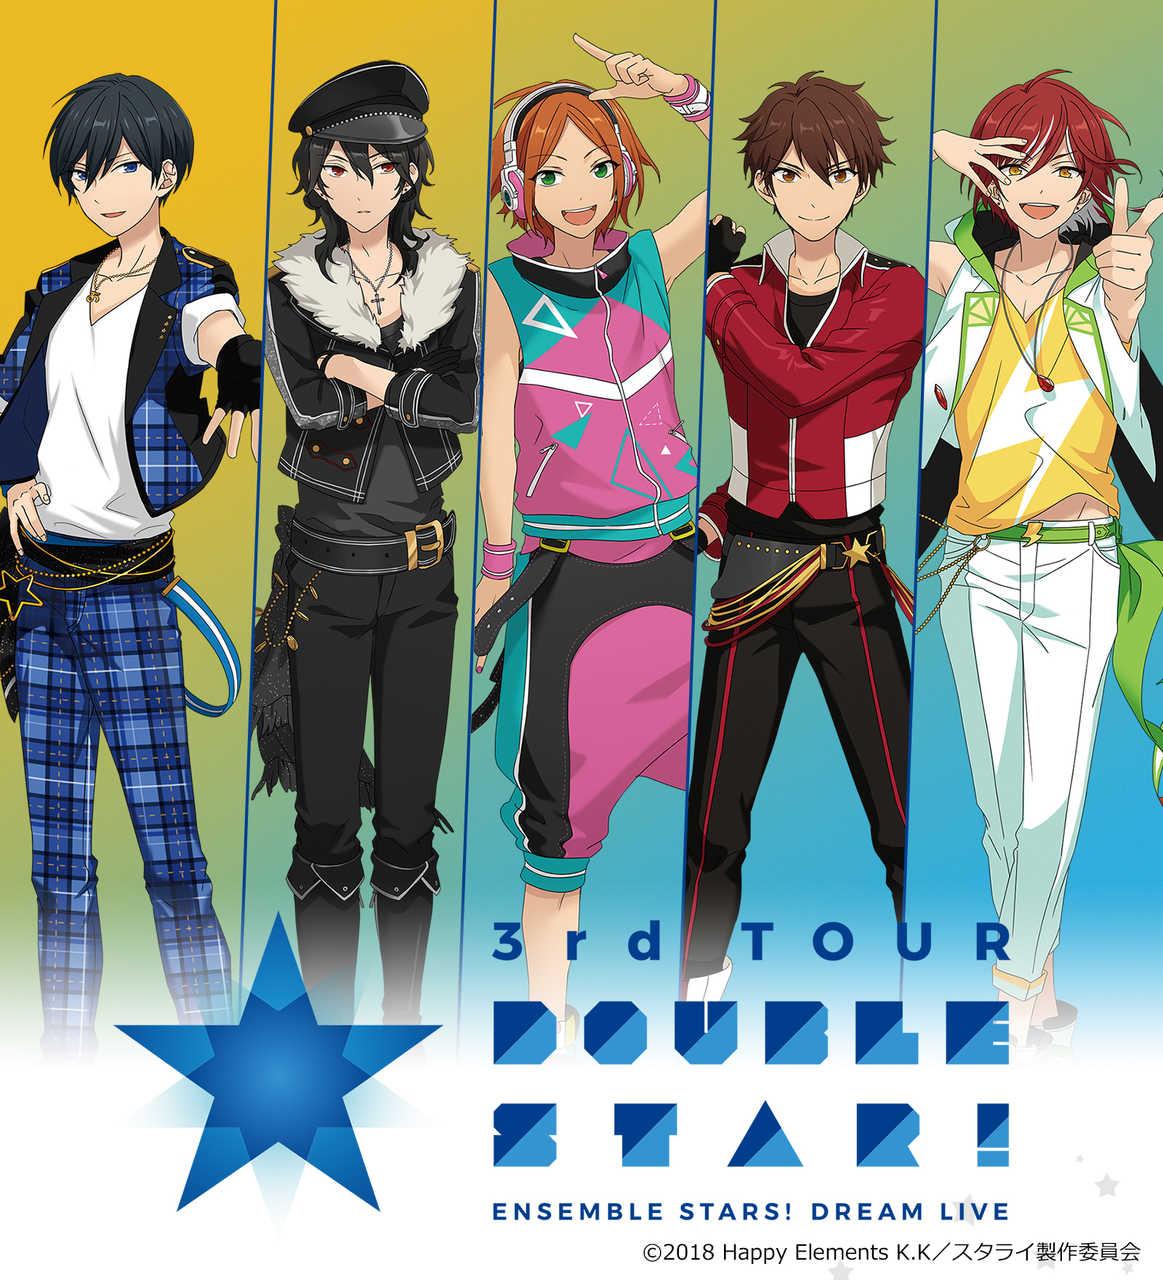 """『あんさんぶるスターズ!DREAM LIVE -3rd Tour """"Double Star!""""-』"""